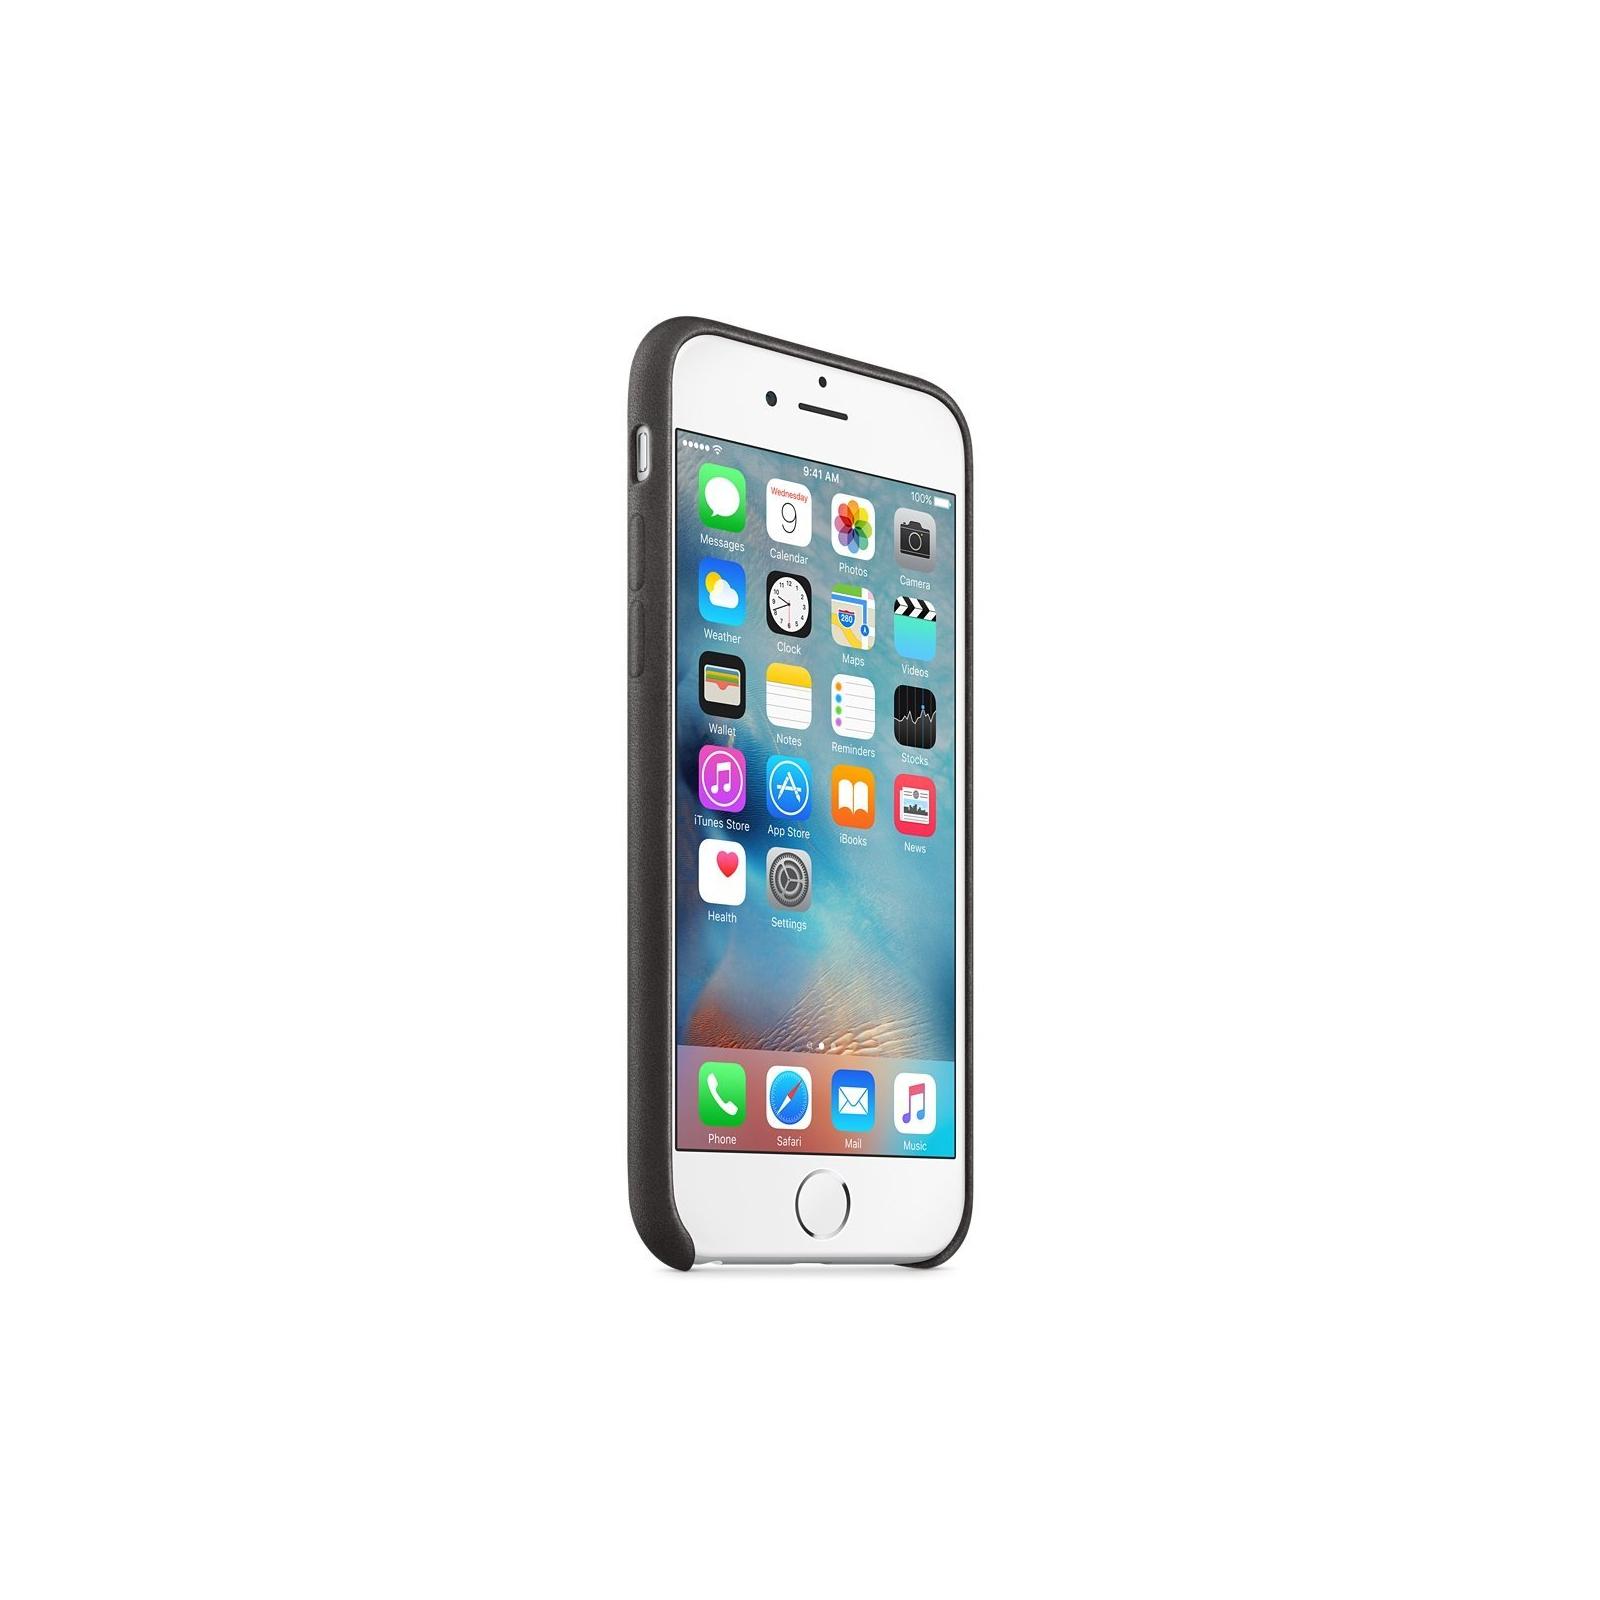 Чехол для моб. телефона Apple для iPhone 6/6s Black (MKXW2ZM/A) изображение 3